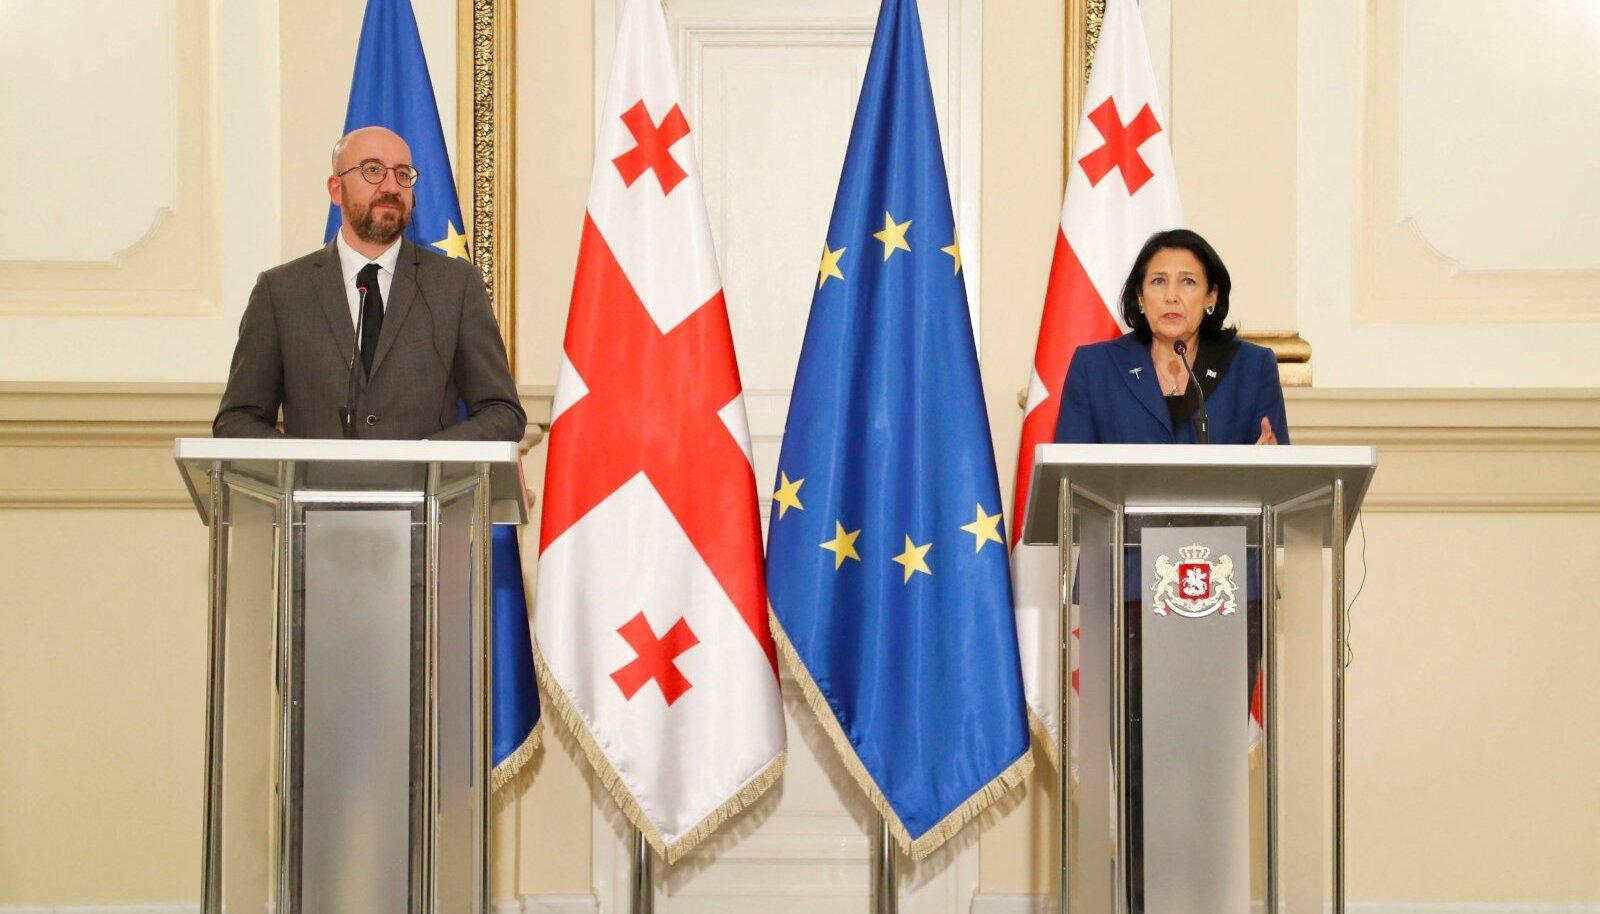 Aprillis käis Euroopa Ülemkogu eesistuja Charles Michel (vasakul) Thbilisis isiklikult kriisi lahendamas. Ent Gruusia suuremad parteid suhtusid kokkulepetesse kergekäeliselt.